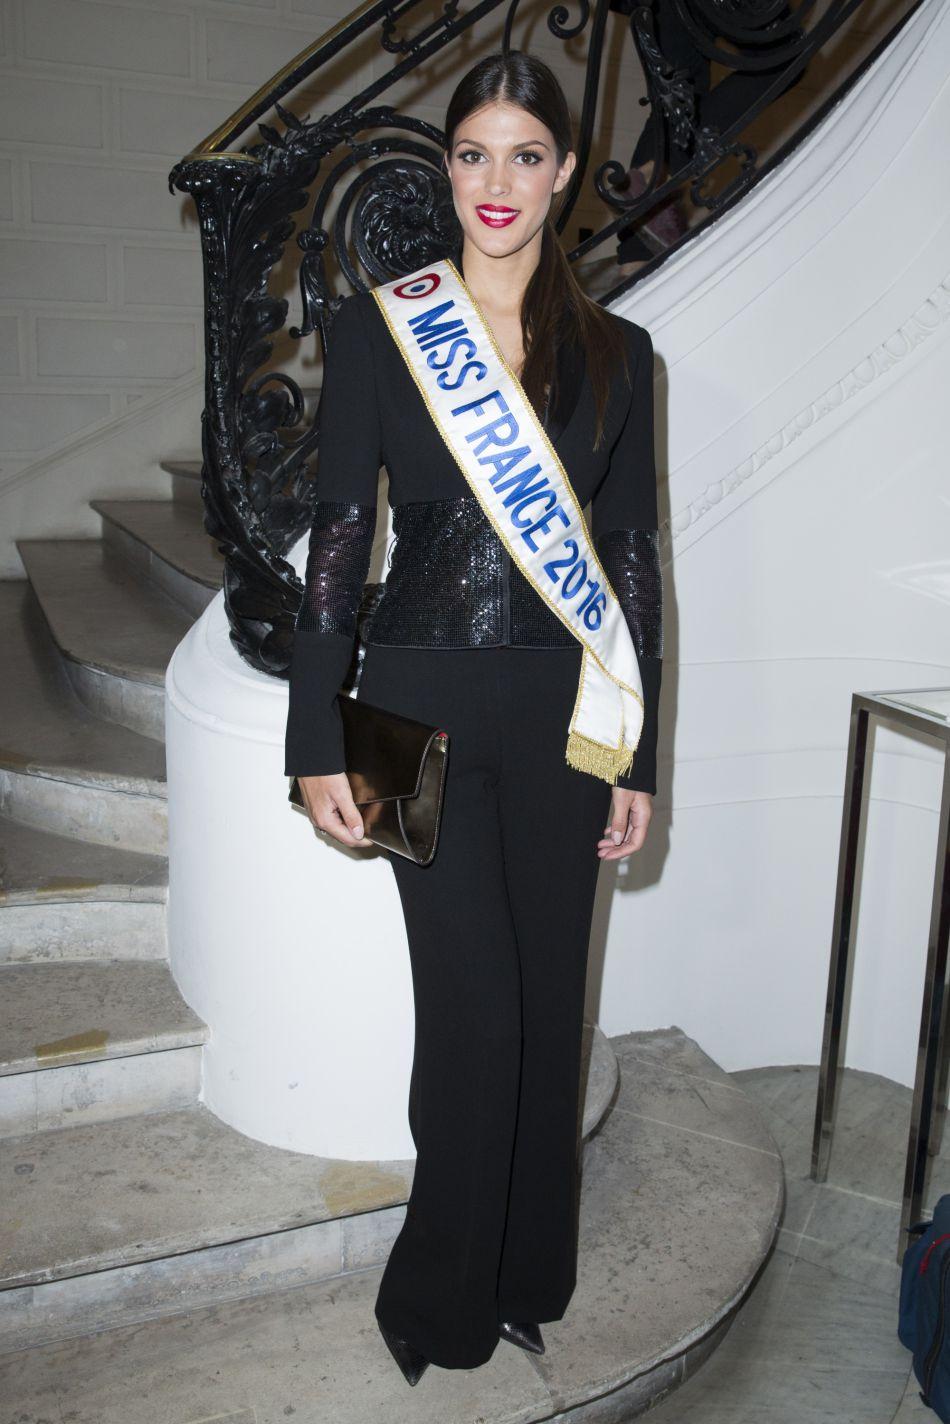 Originaire de Lille, Iris Mittenaere a été élue Miss France 2016 en décembre dernier.